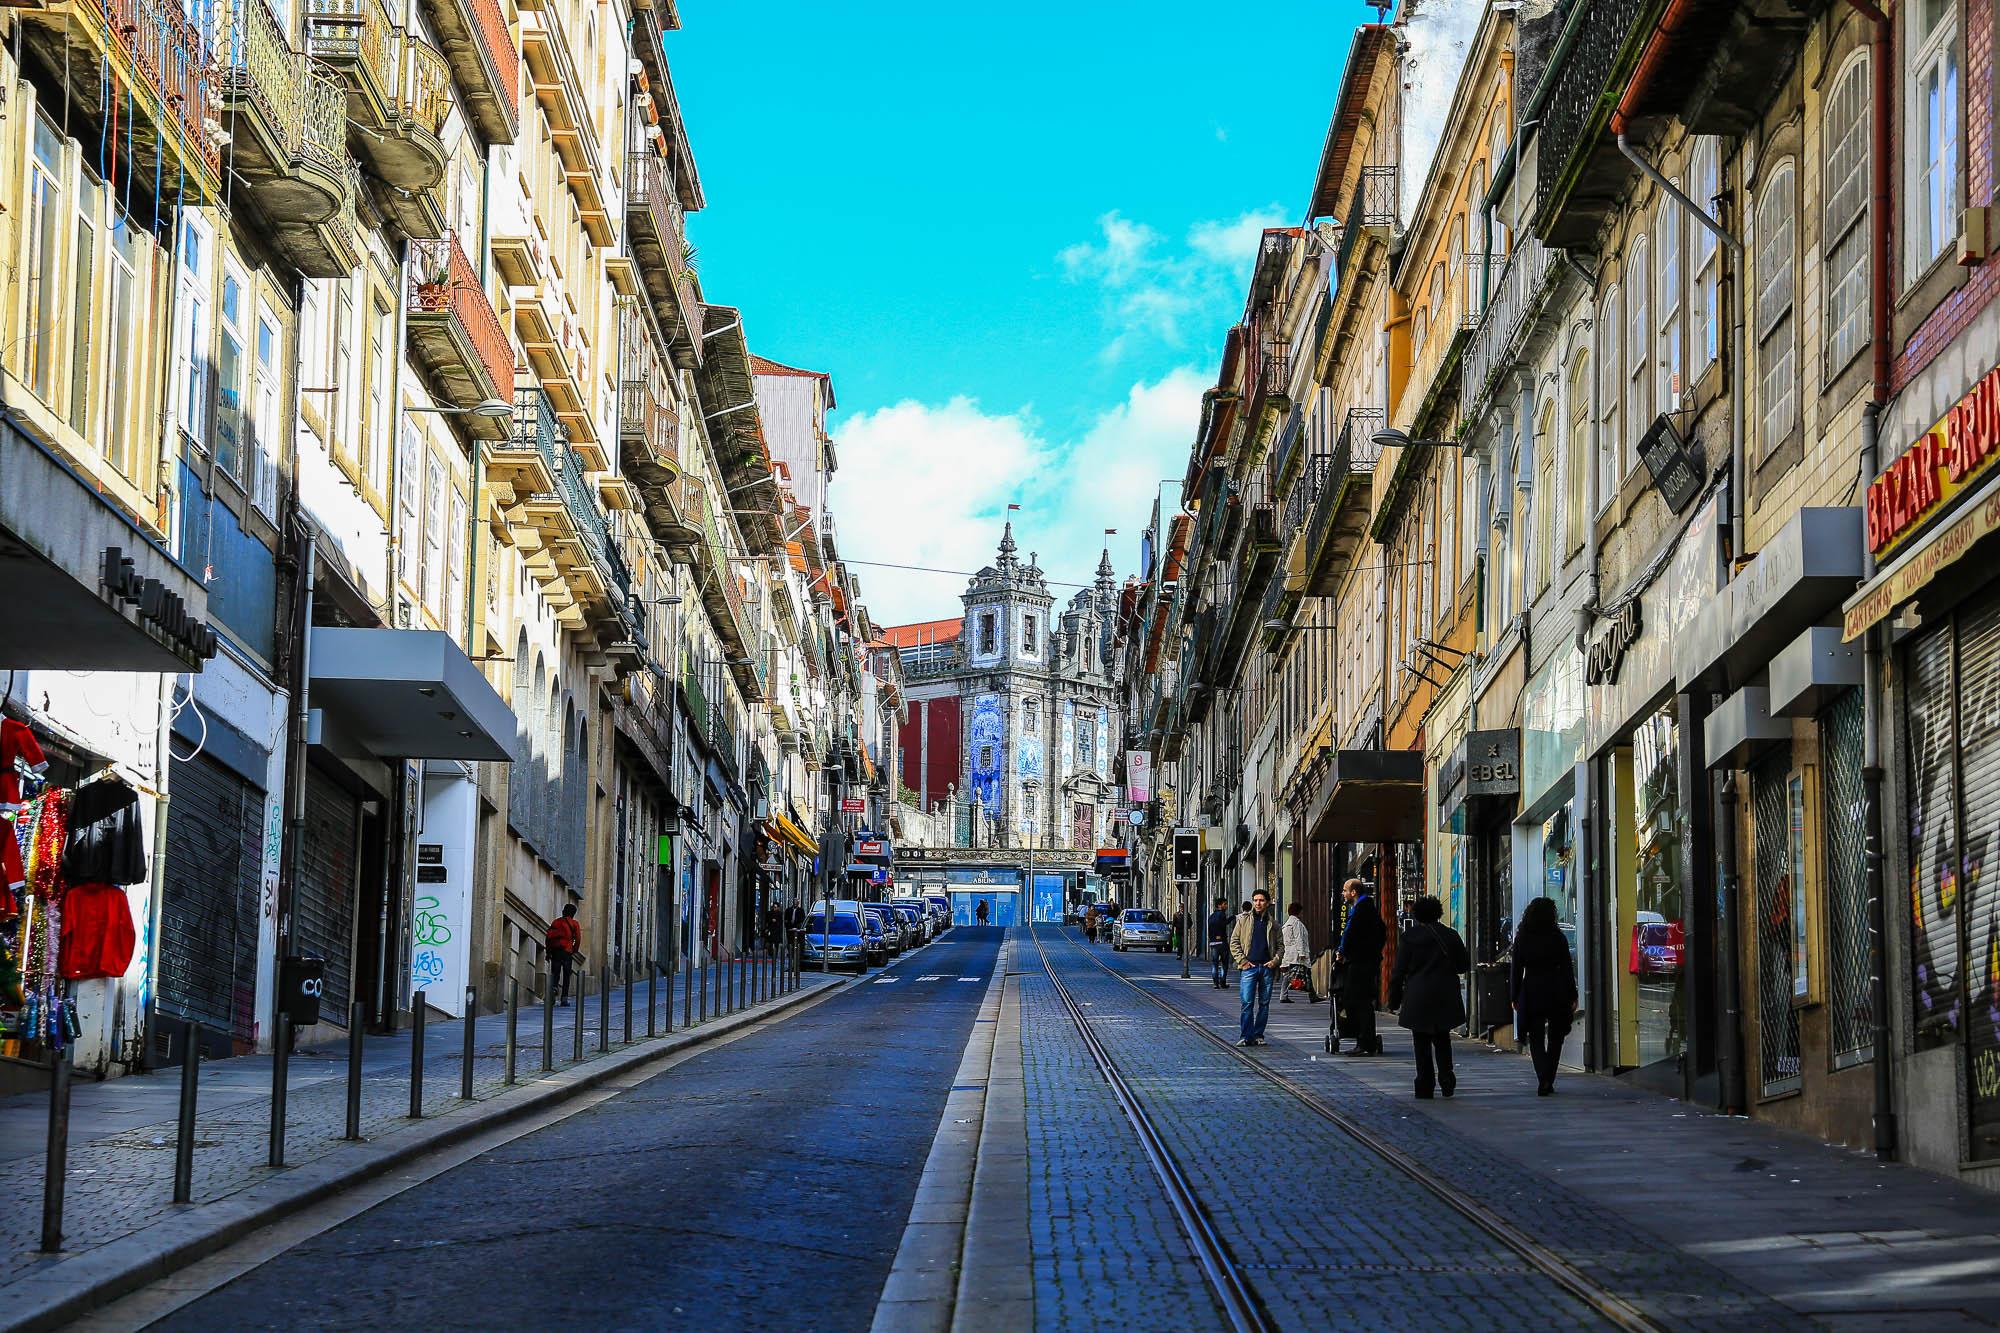 PORTUGAL-2012-jusmedic-#1075